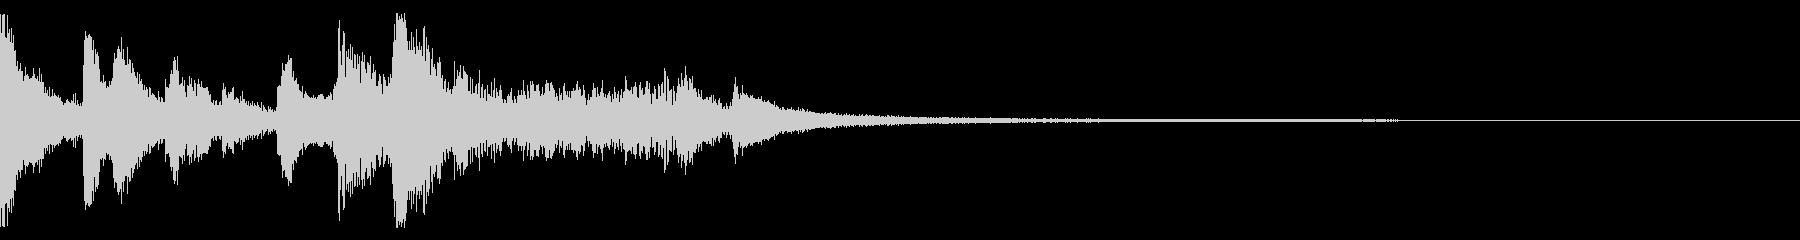 【生演奏】箏がかっこいい和風アイキャッチの未再生の波形